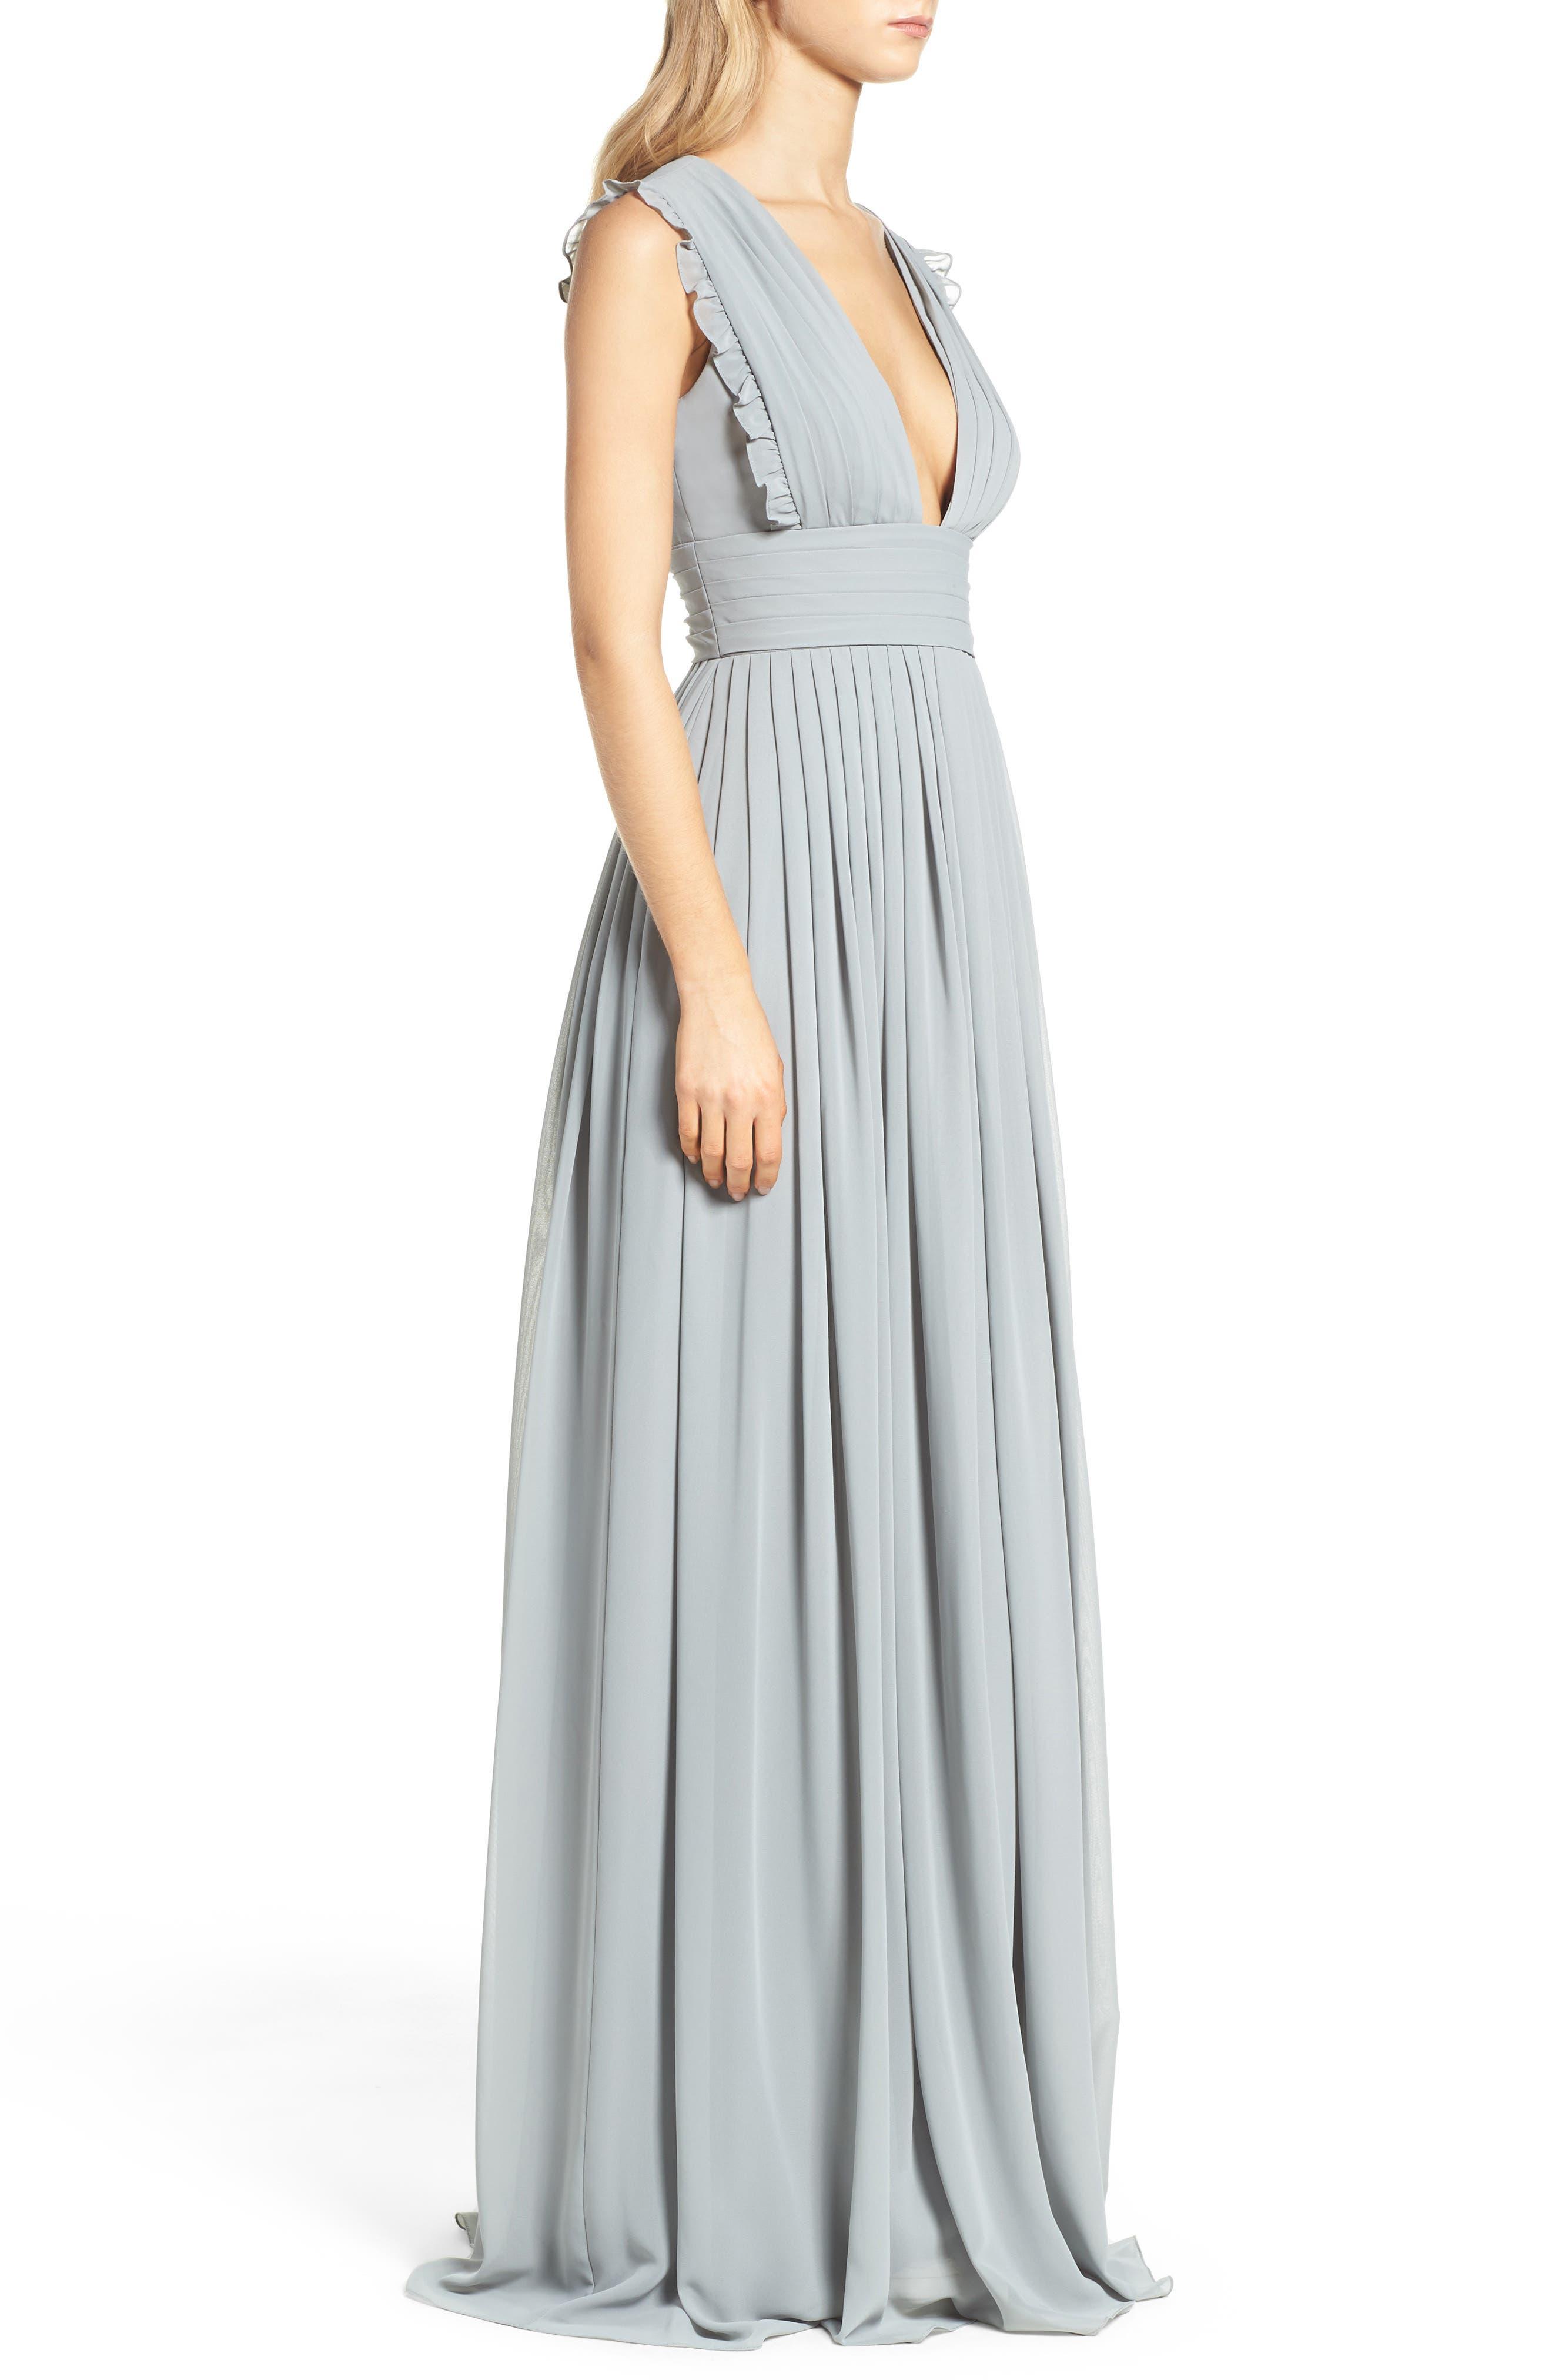 Alternate Image 3  - Monique Lhuillier Bridesmaids Deep V-Neck Ruffle Pleat Chiffon Gown